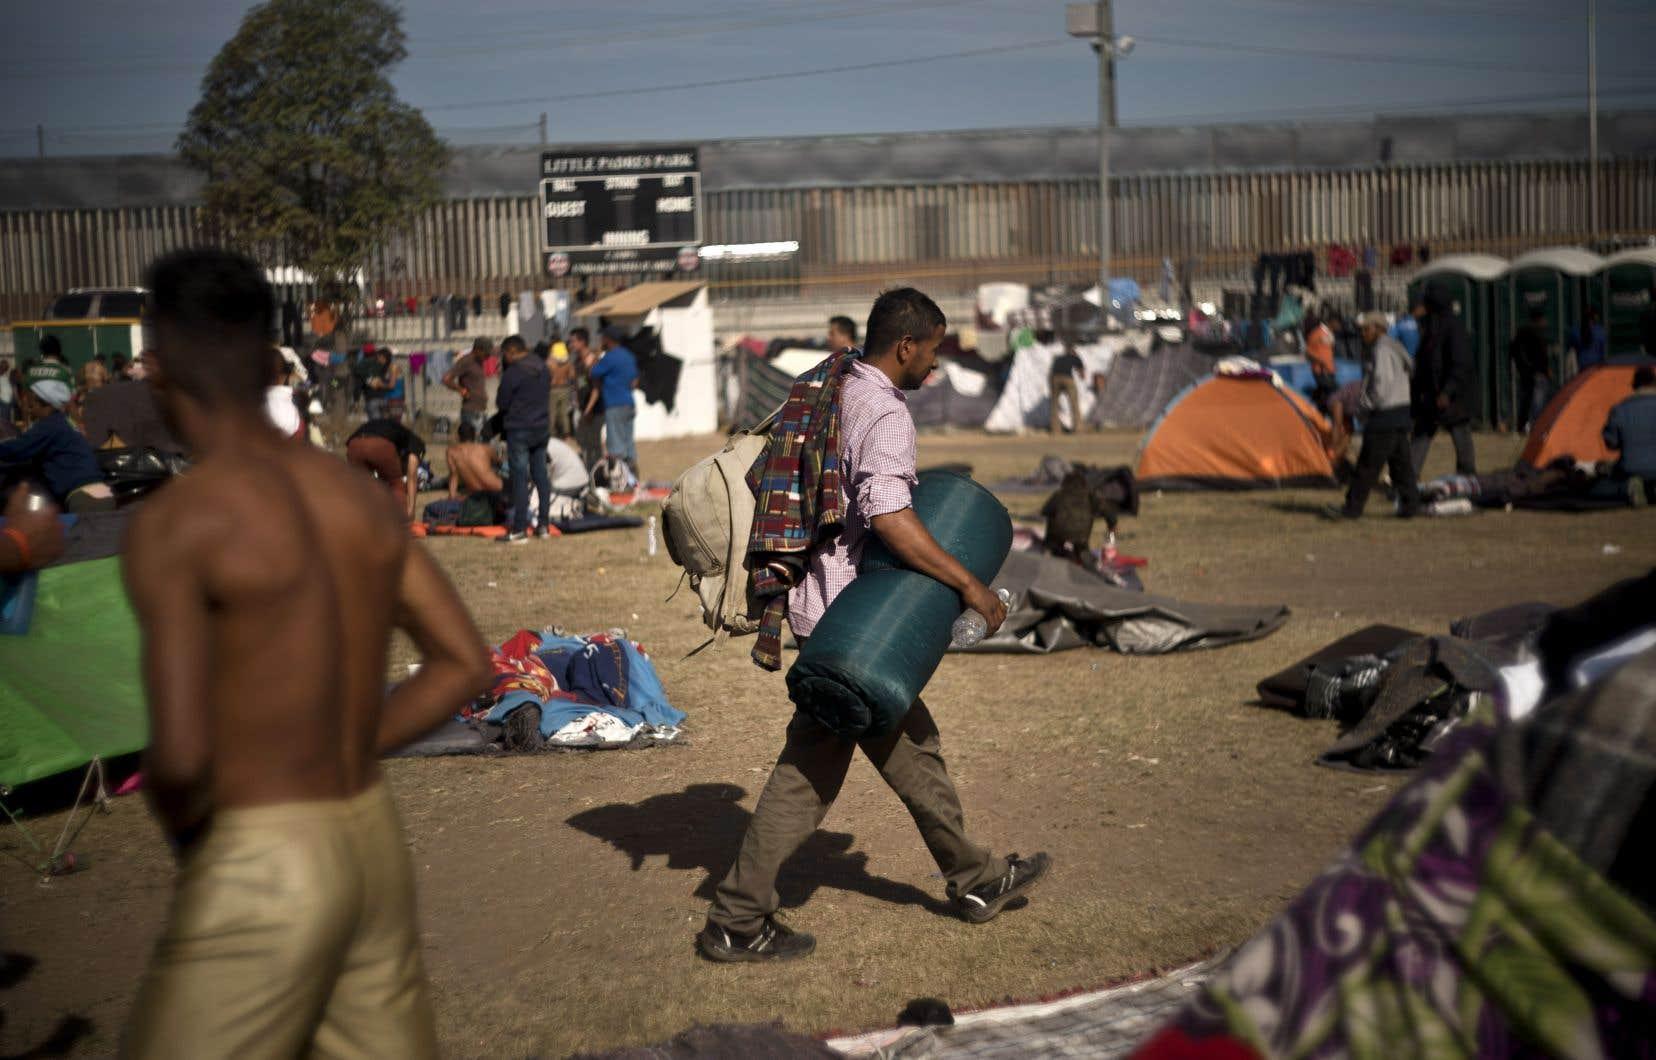 Les nouveaux arrivants ne trouvent plus de place dasn les refuges arrivés à saturation, et certains campements improvisés commencent à appraître aux alentours.